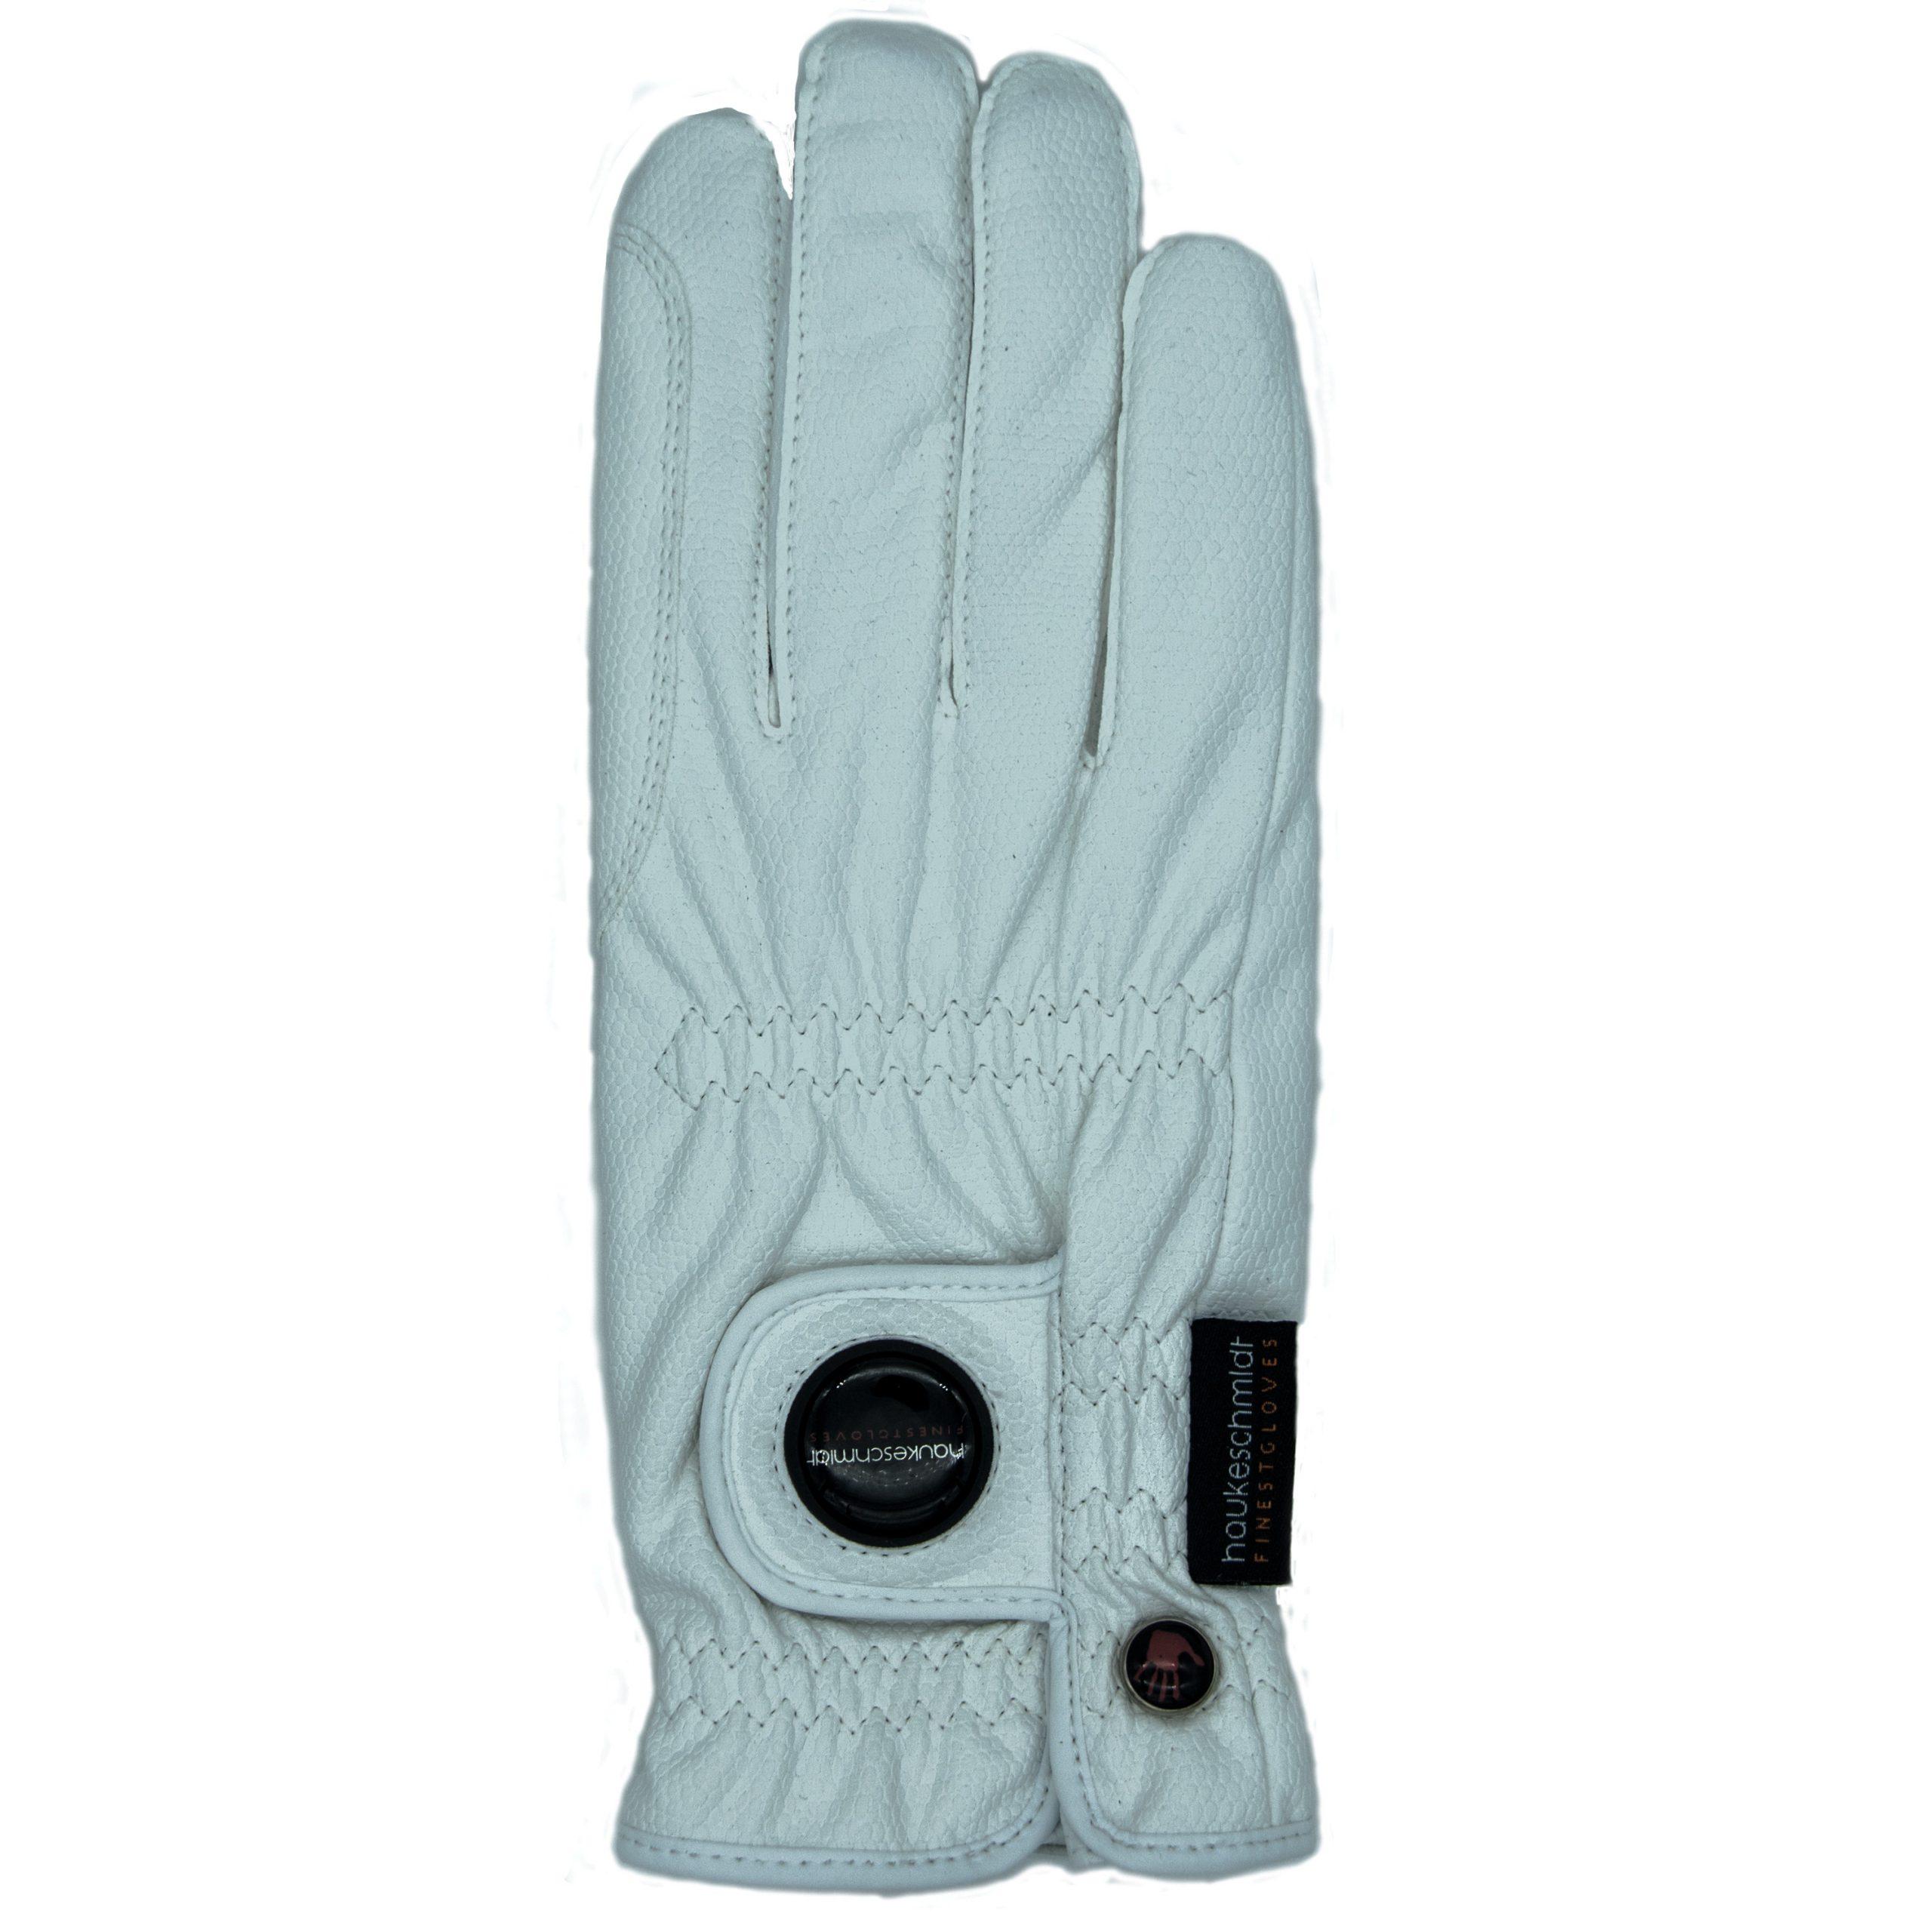 Hauke Schmidt Handschuh A Touch Of Class Weiß